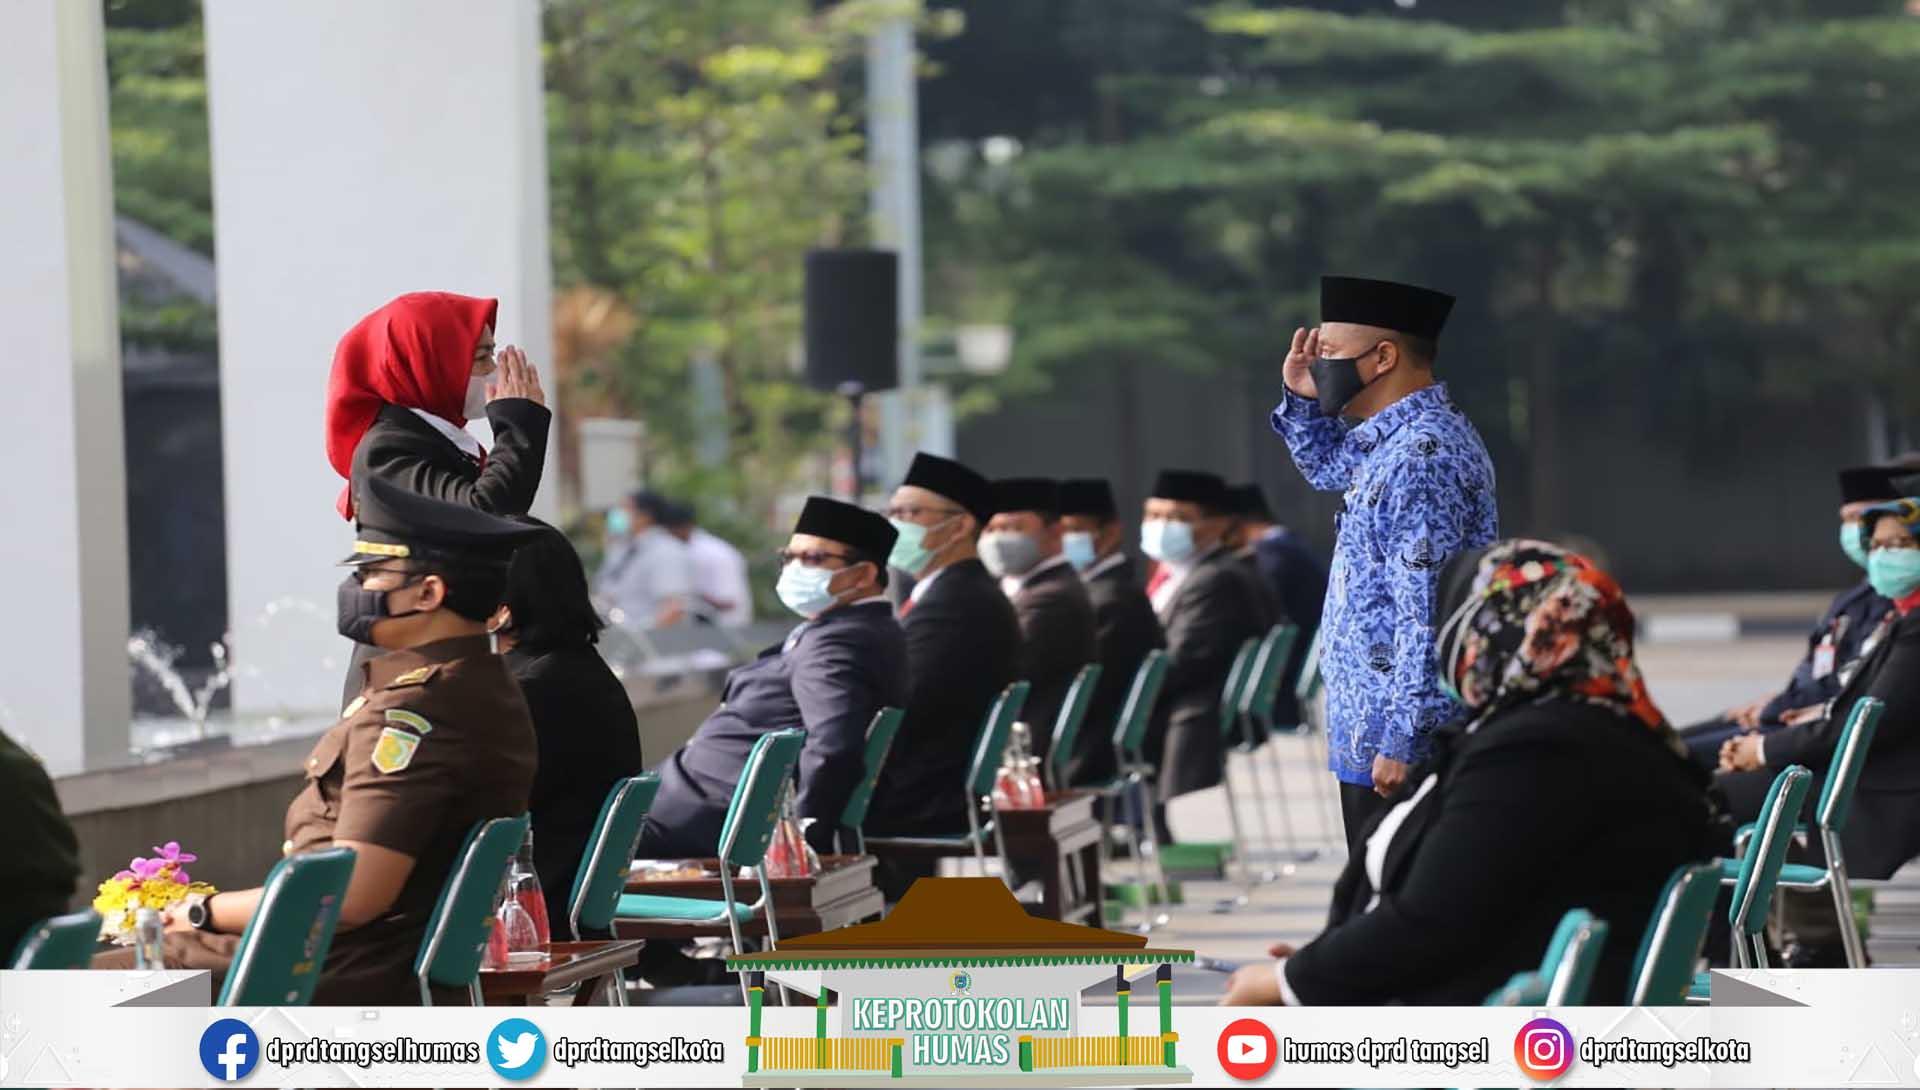 Ketua DPRD menghadiri Upacara Peringatan Hari Pahlawan